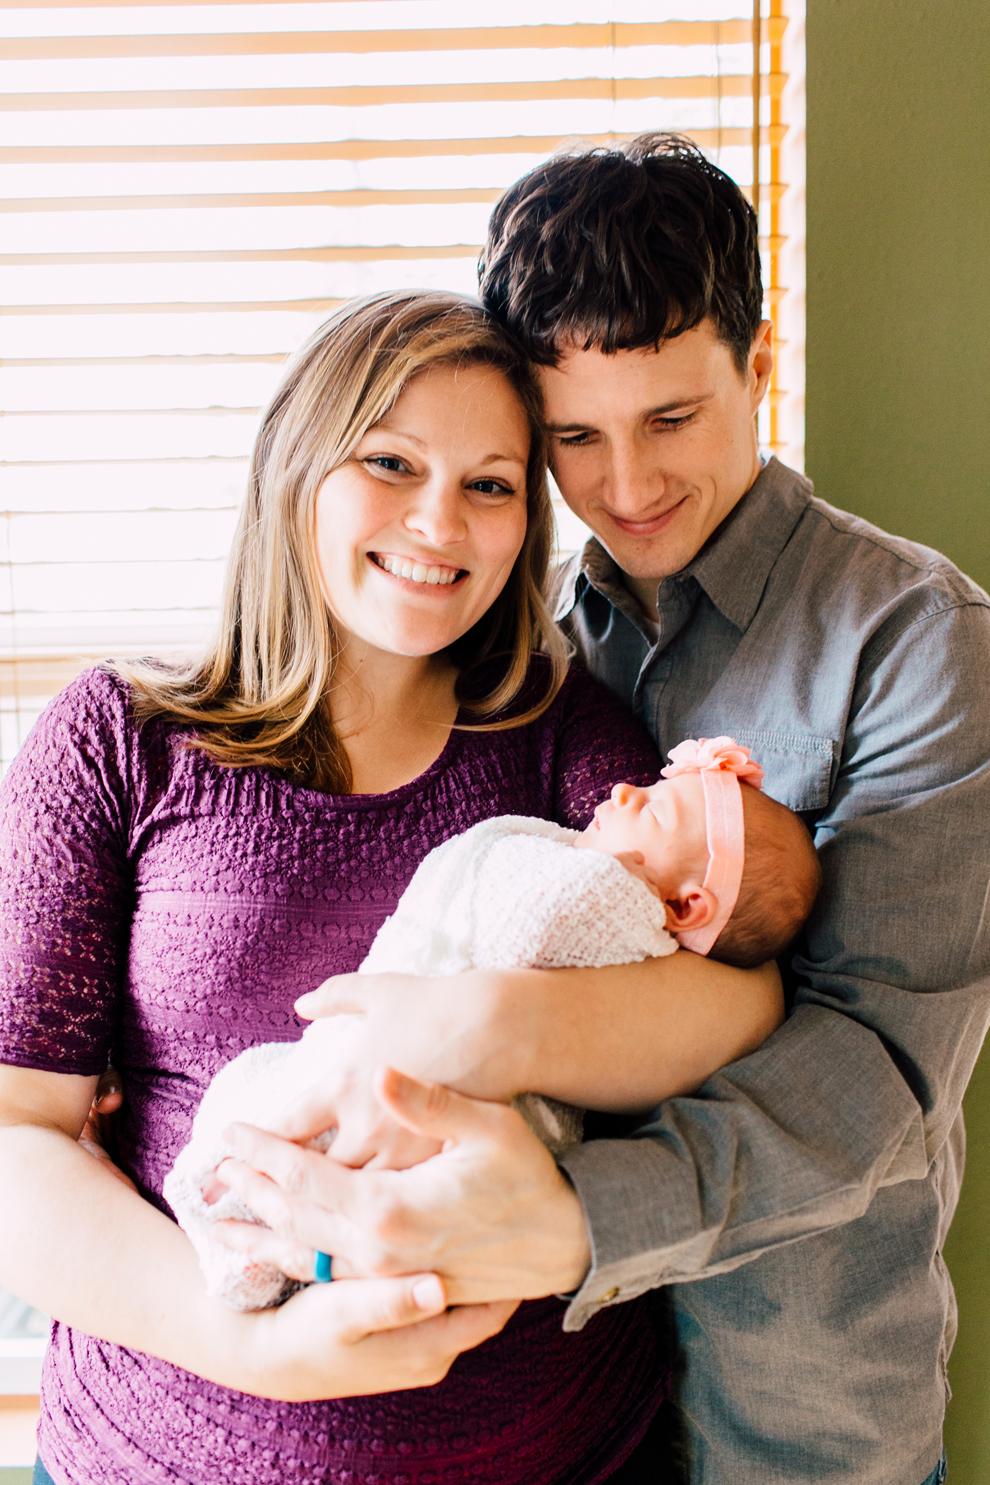 027-bellingham-newborn-lifestyle-photographer-katheryn-moran-hadley.jpg